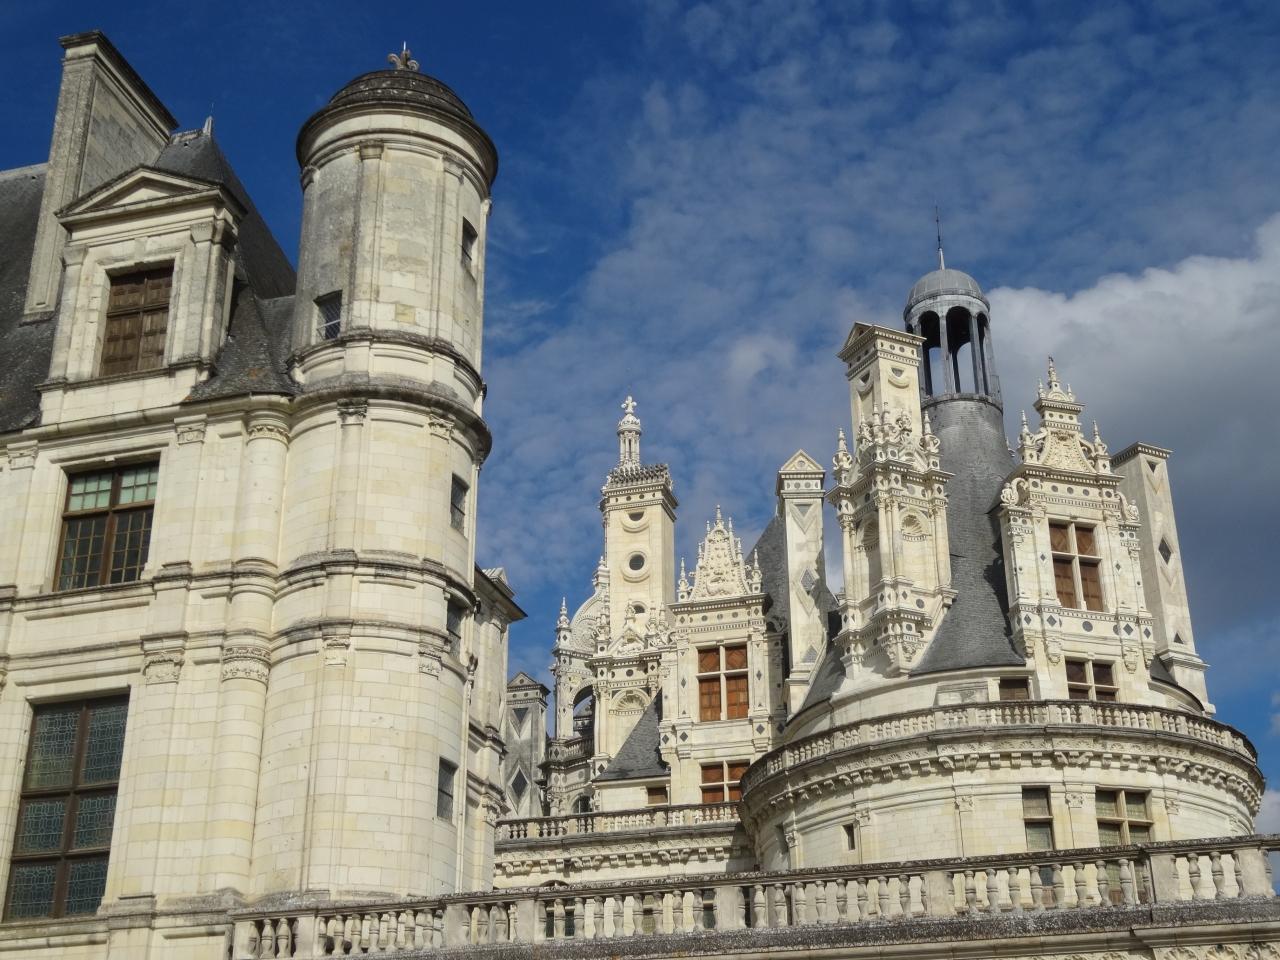 シャンボール城の画像 p1_33